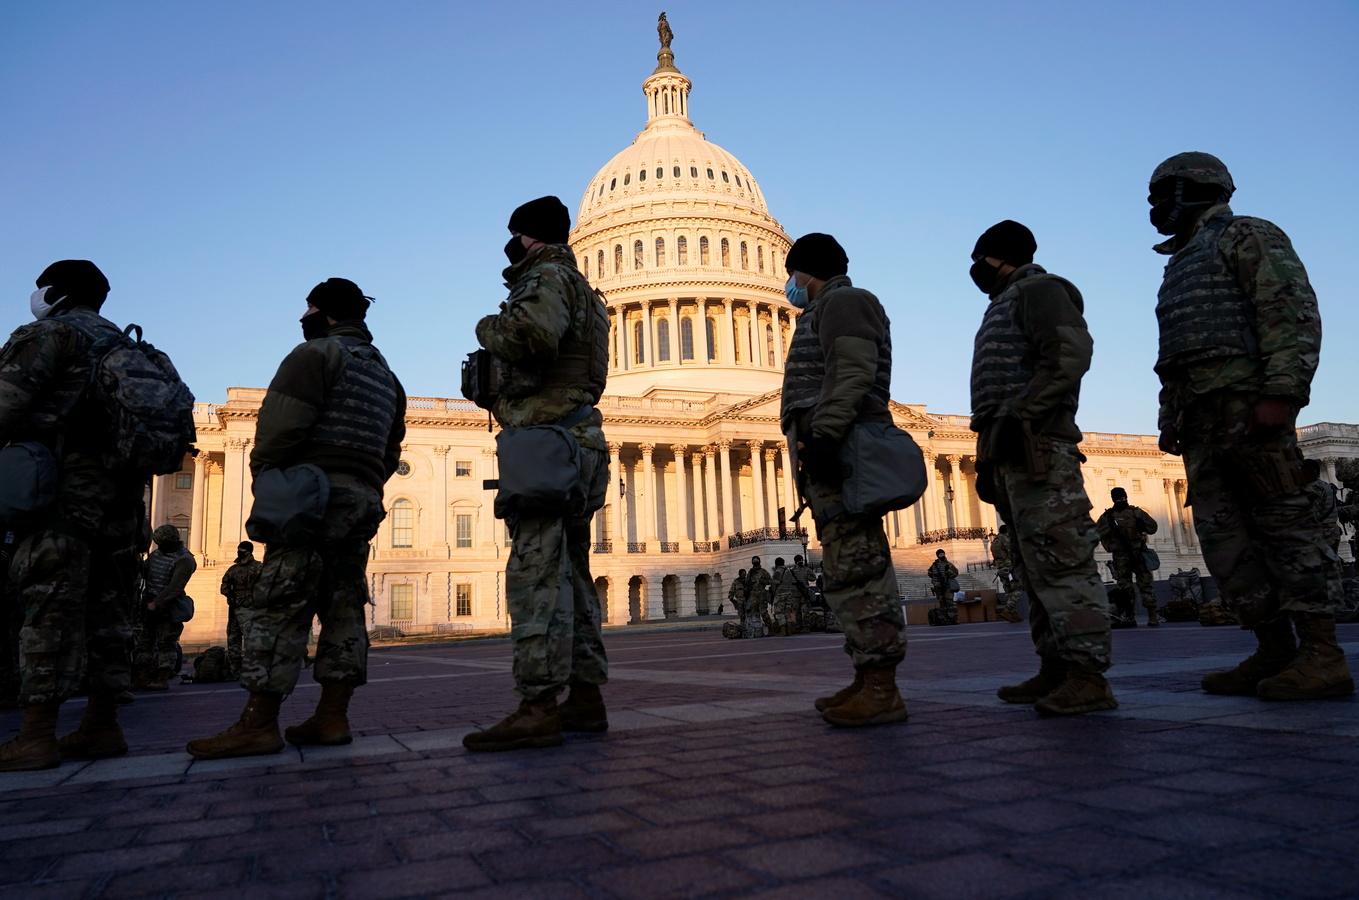 Инаугурация за колючей проволокой: в Вашингтоне введены беспрецедентные меры безопасности